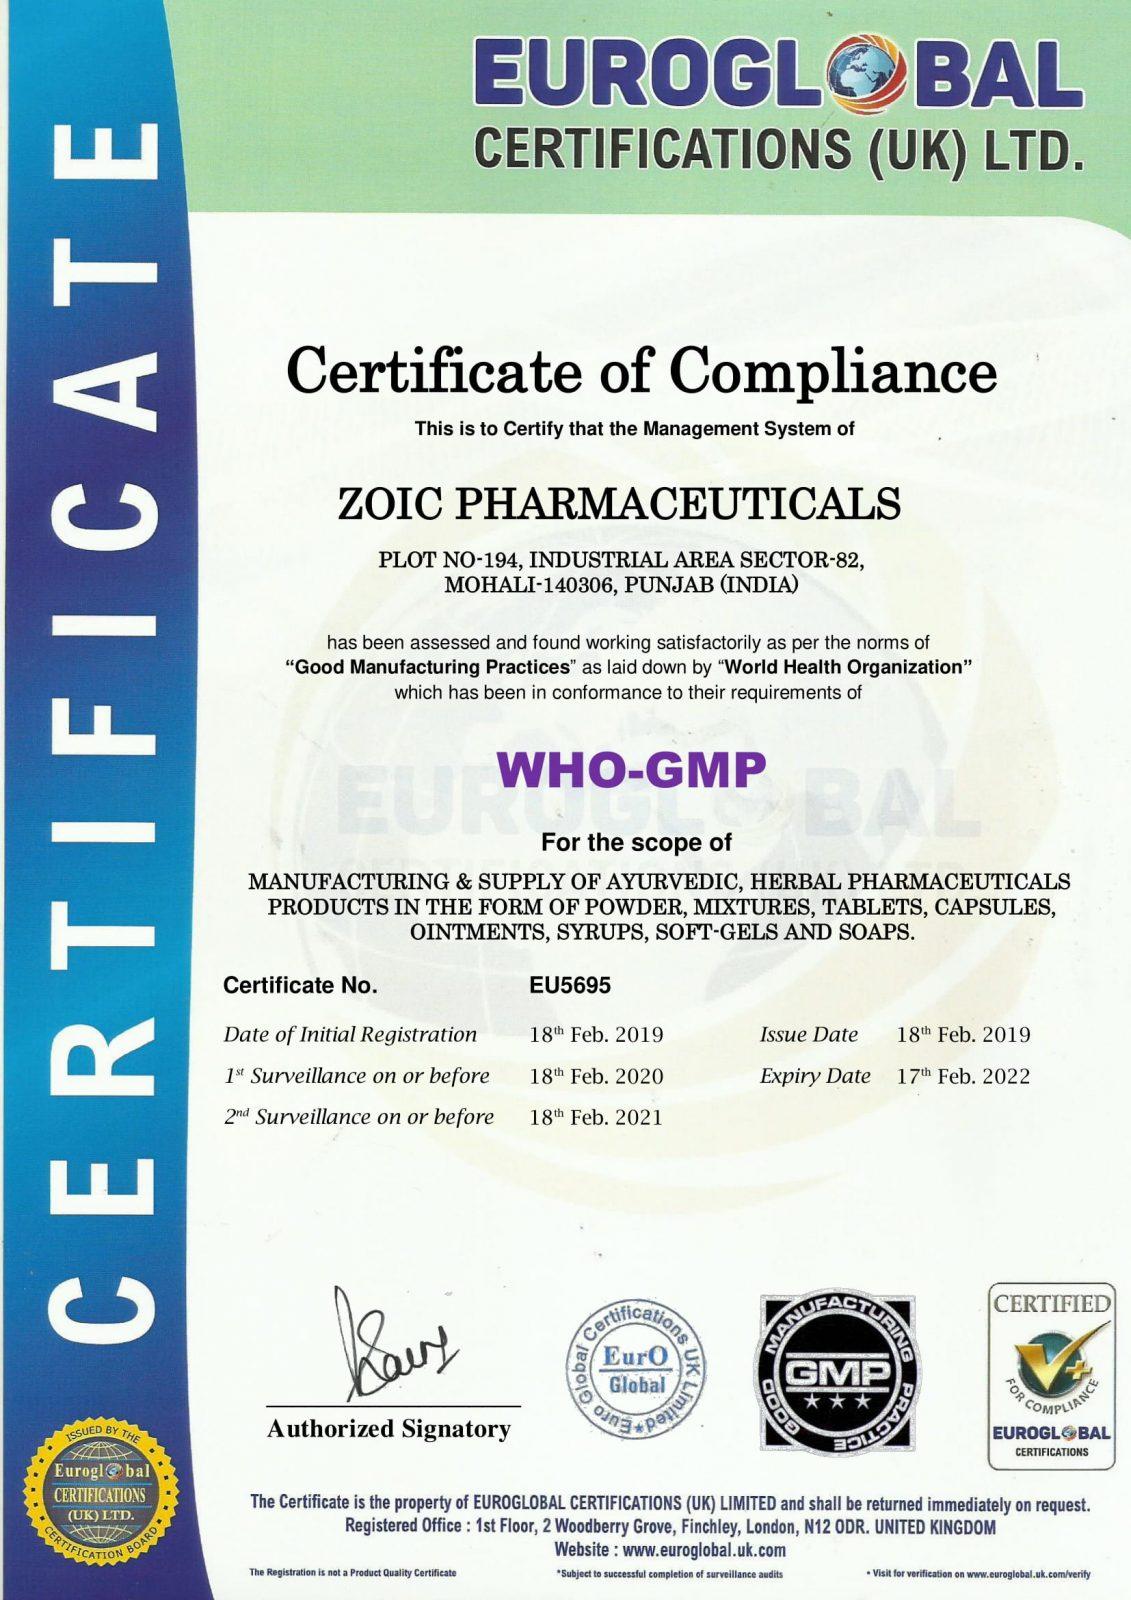 WHO-GMP-CERTIFICATE